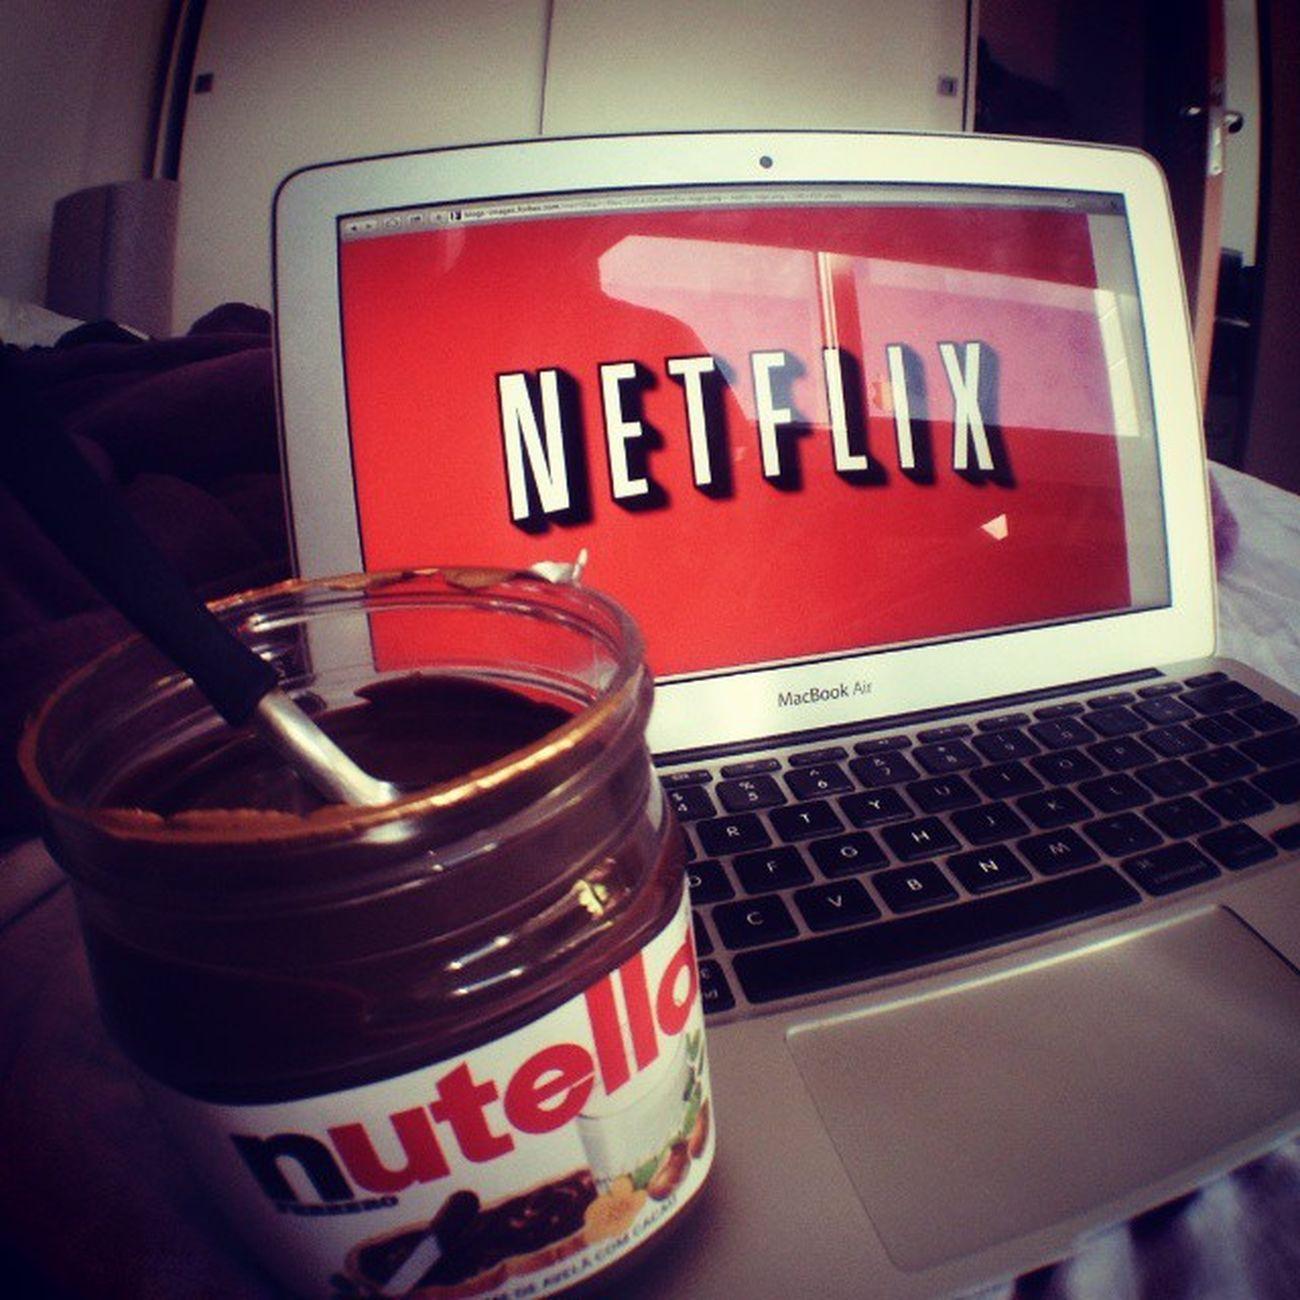 Geral no carnatletica e eu ... Suave em casa ;) Soalegria Filmin Netflix Nutela debuenas